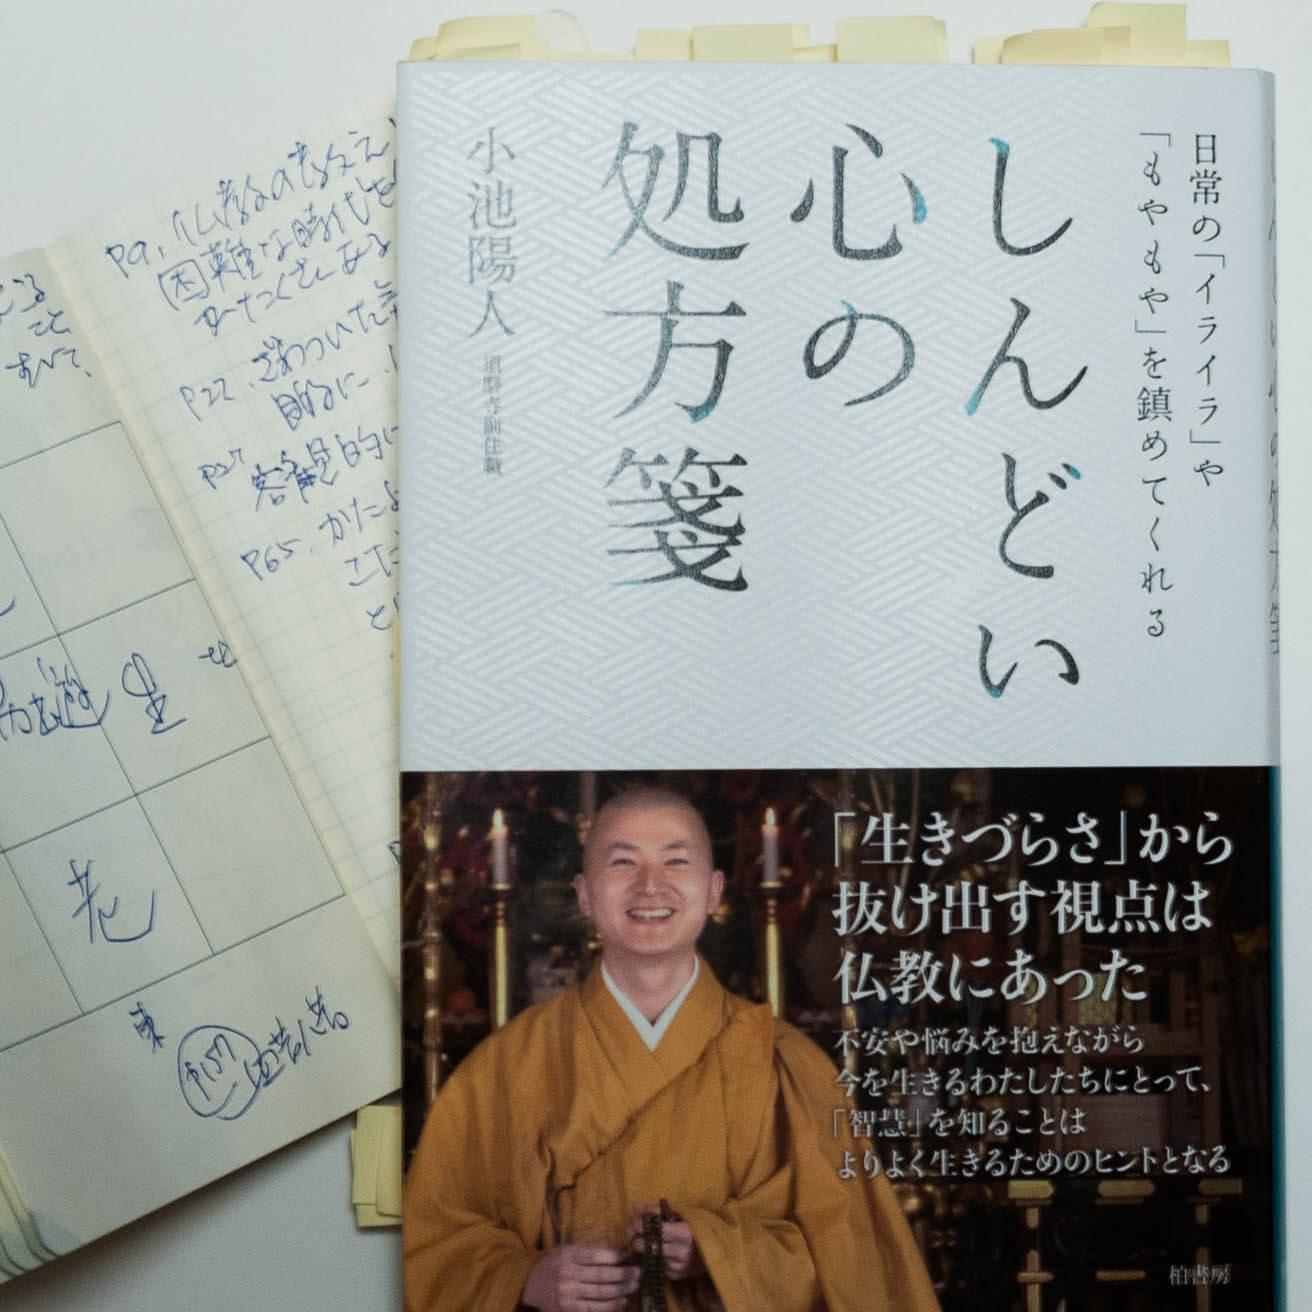 須磨寺・小池陽人副住職の著書「しんどい心の処方箋」を読みました。